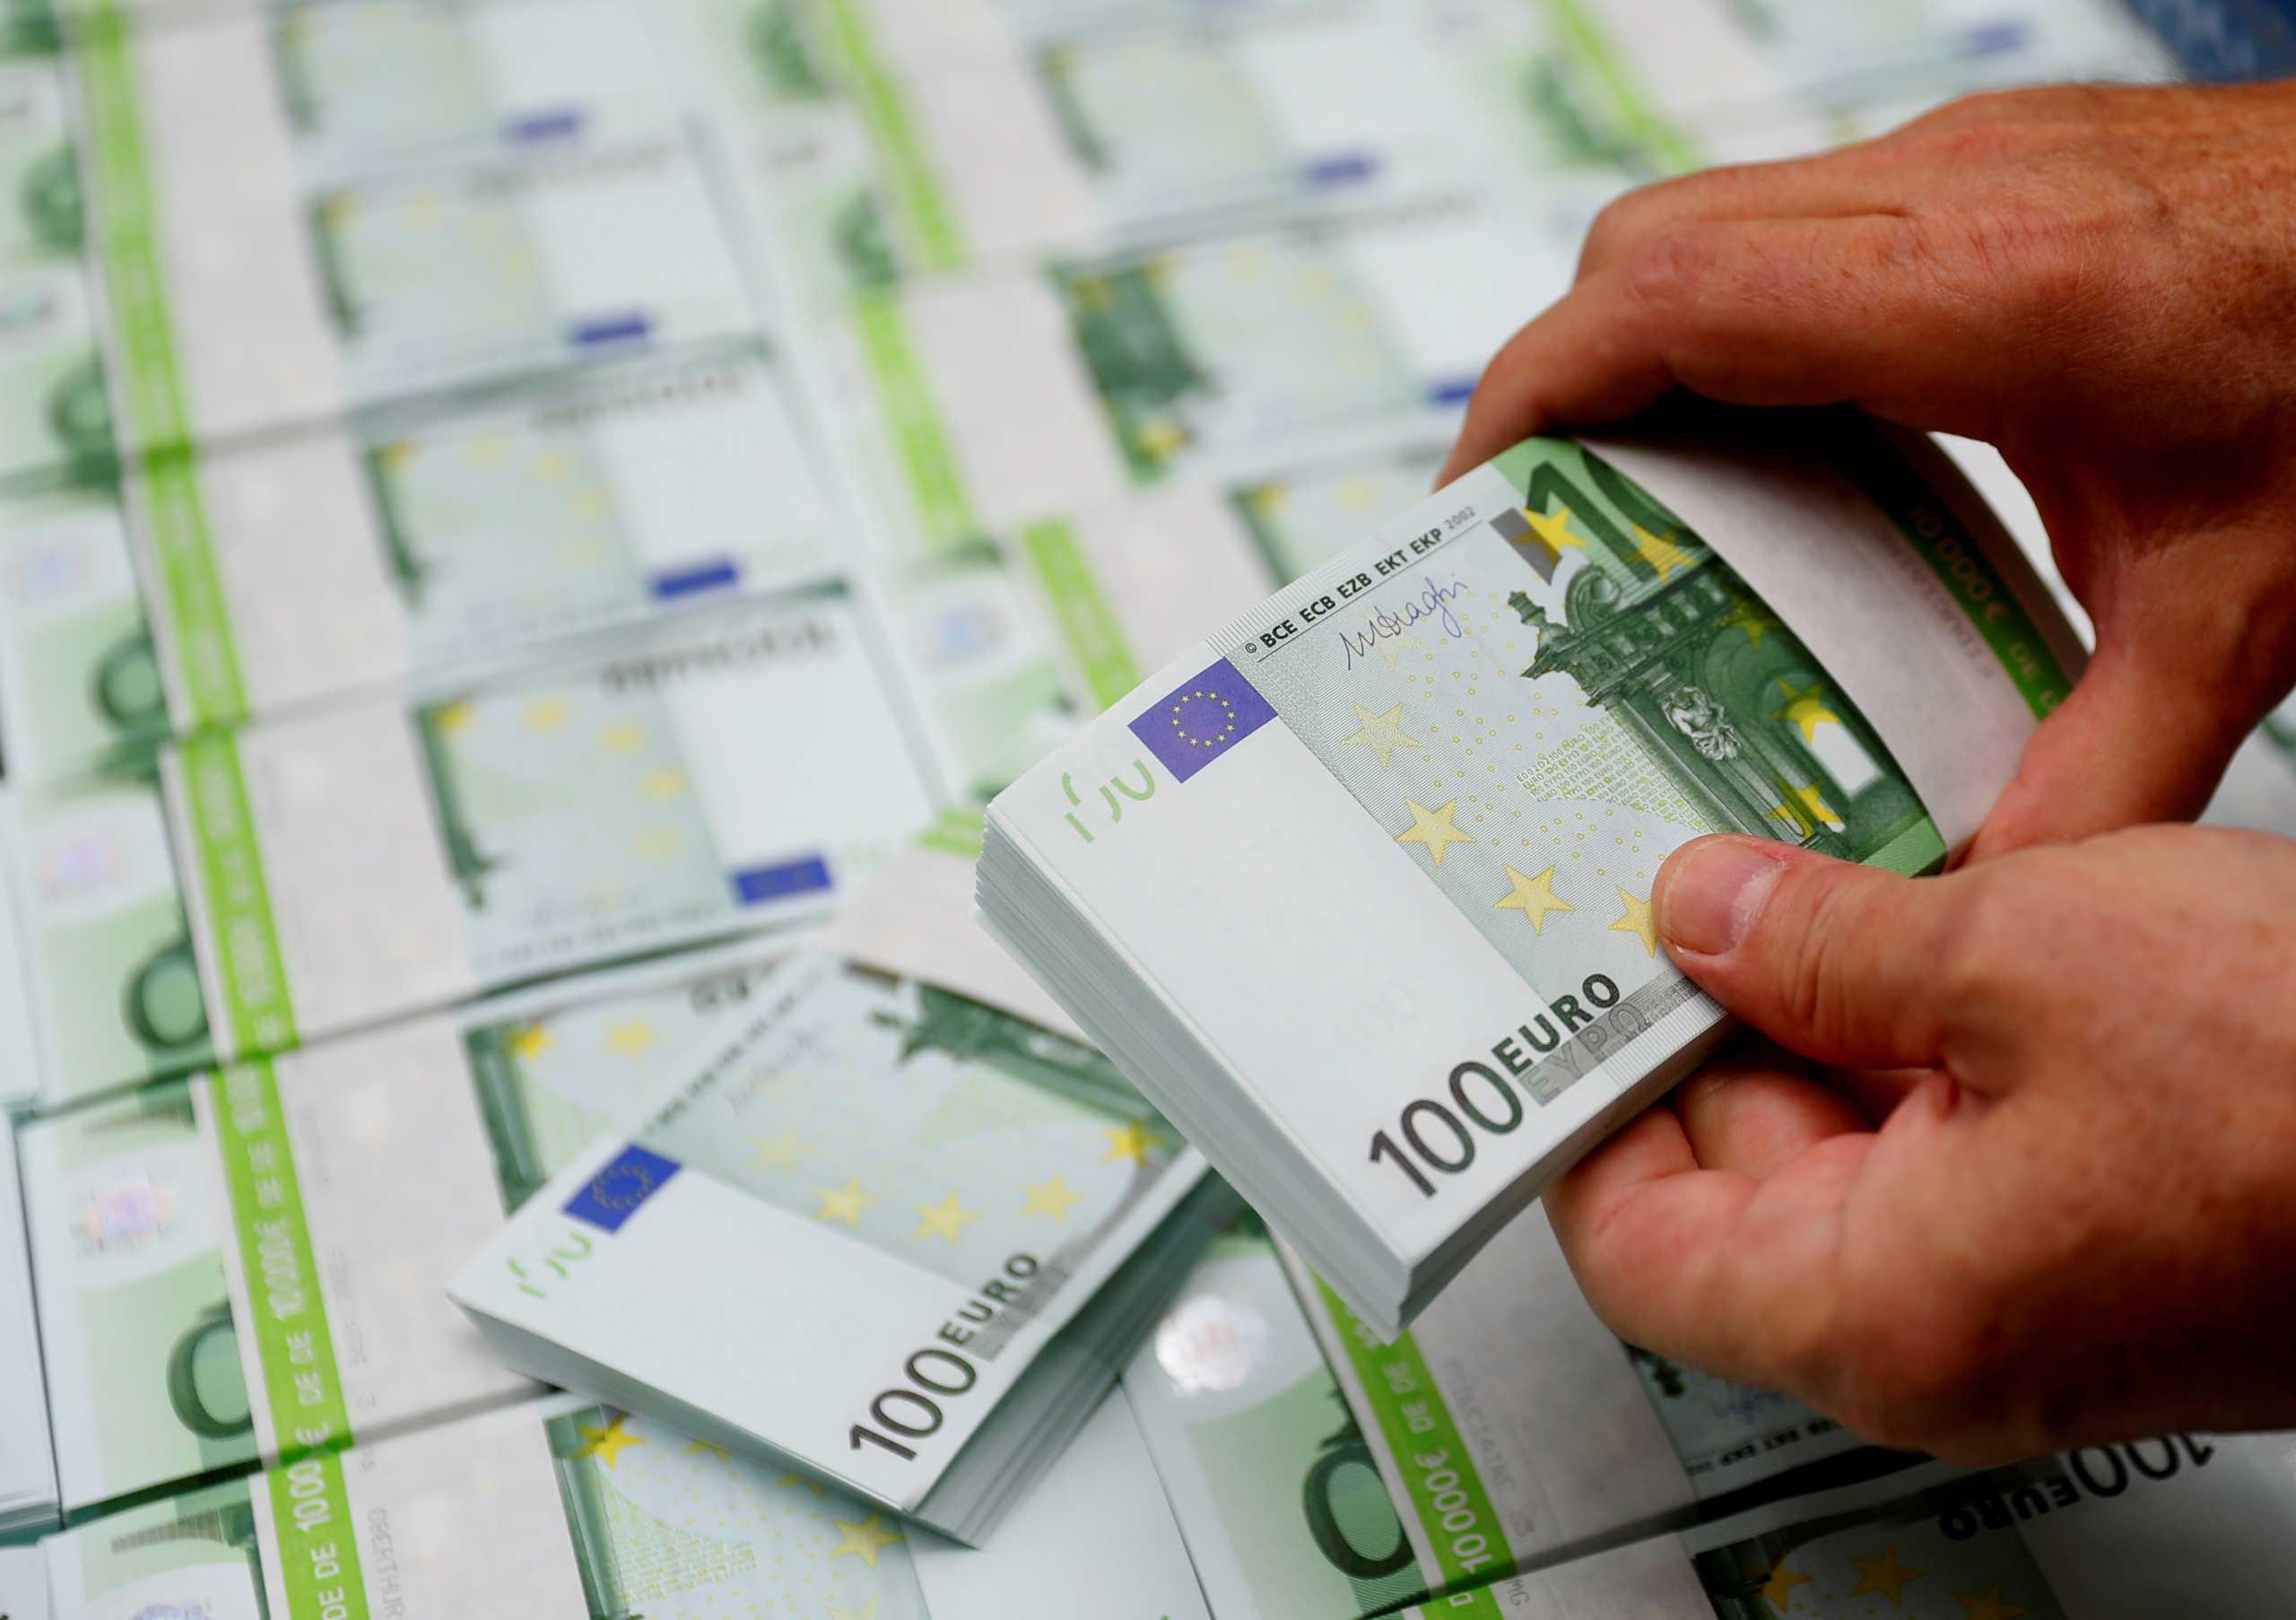 Πλαστά χαρτονομίσματα αγνοούνται: Ιστορικό χαμηλό στην Ευρωζώνη το 2020